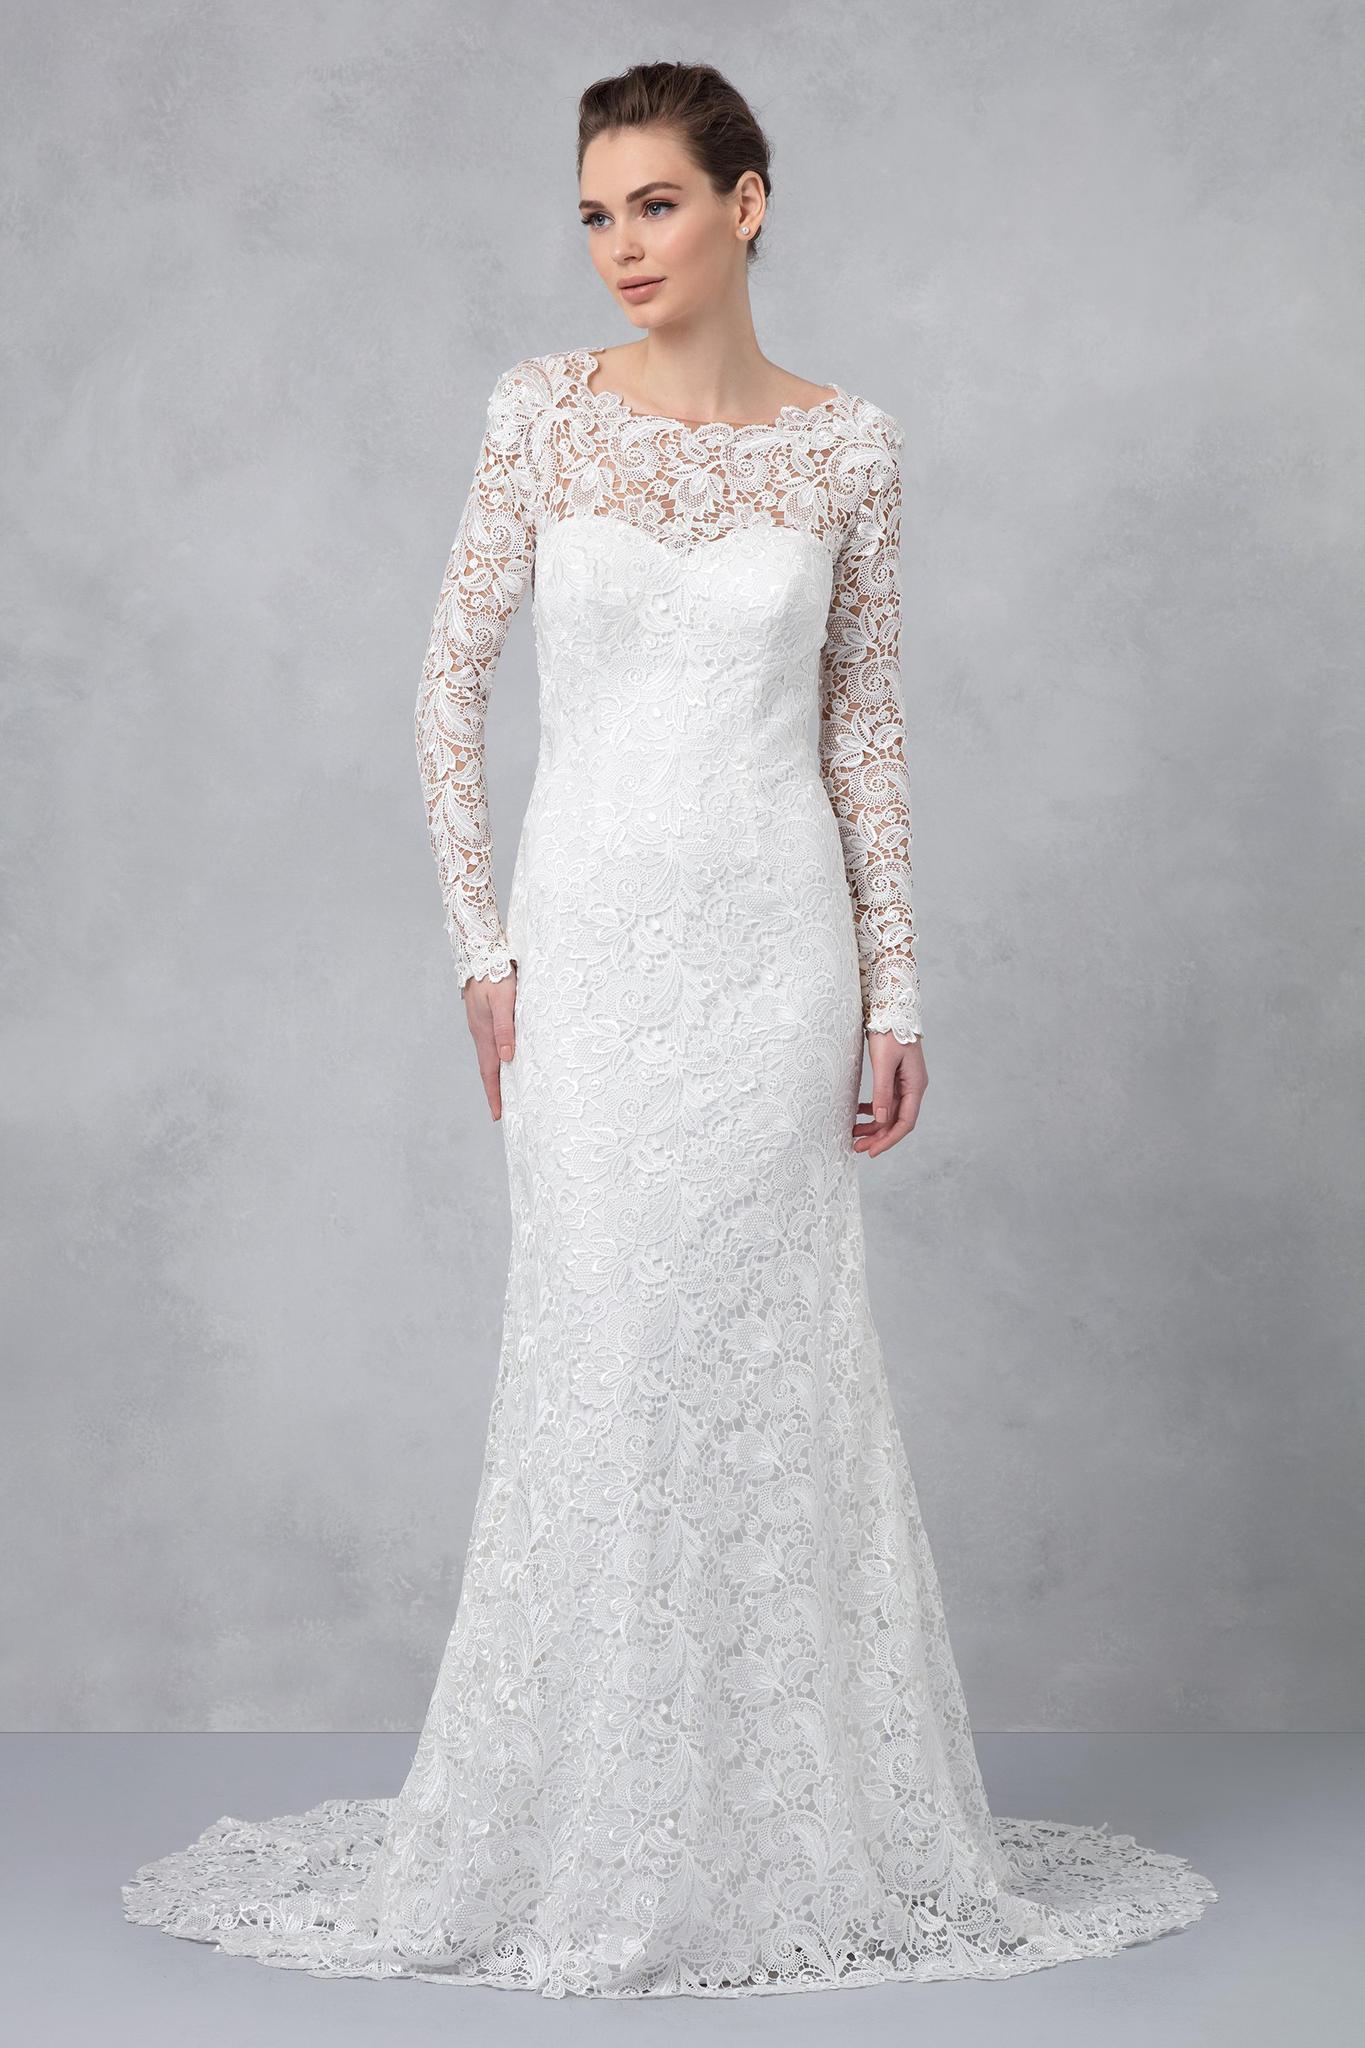 Dieser Traum aus Spitze erinnert an die Hochzeits-Robe von Alessandra von Hannover und kostet umgerechnet knapp 600 Euro.